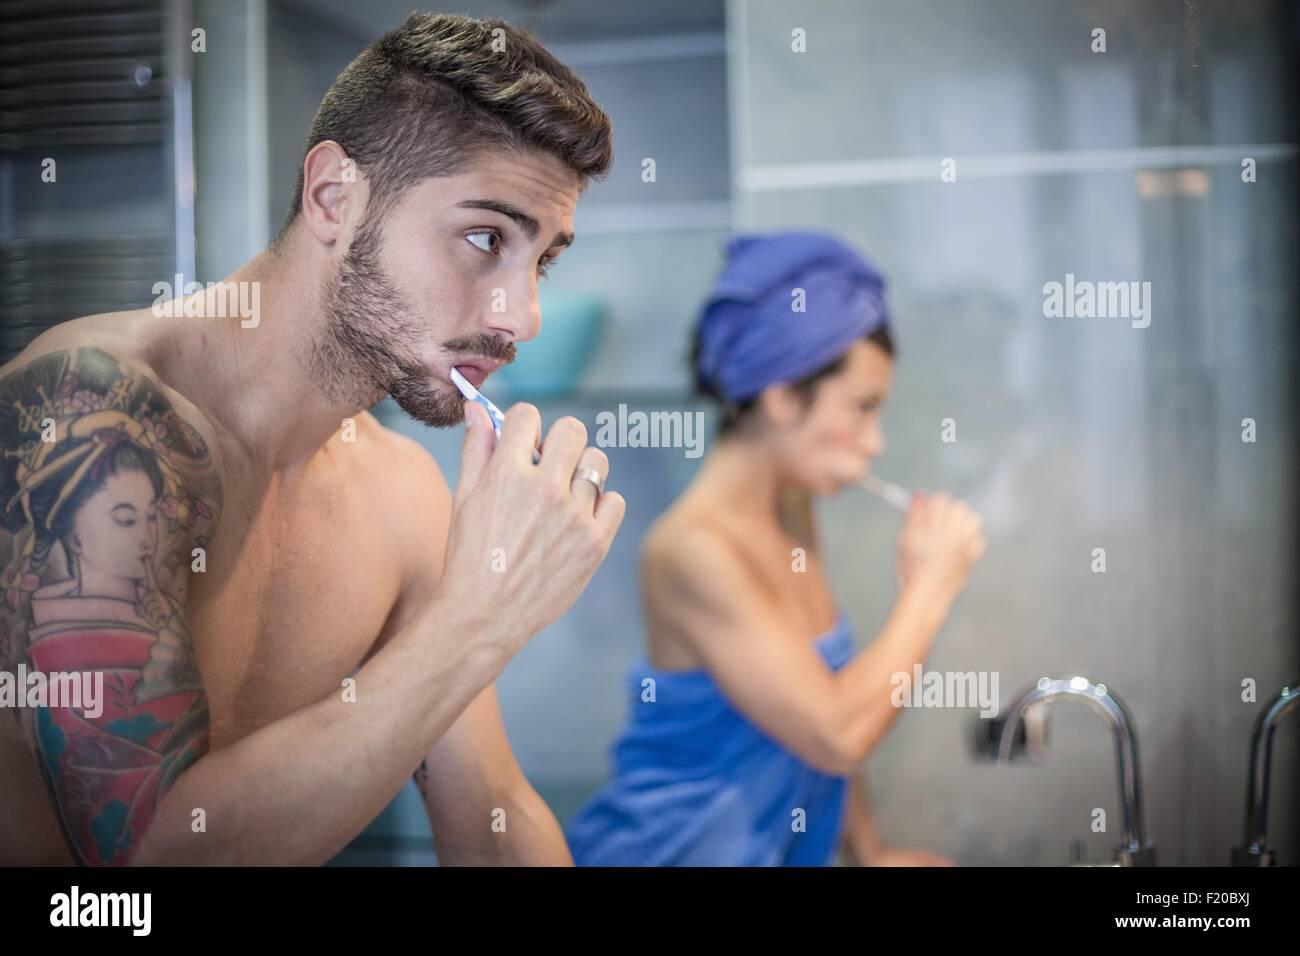 Pareja joven cepillarse los dientes en el baño. Imagen De Stock